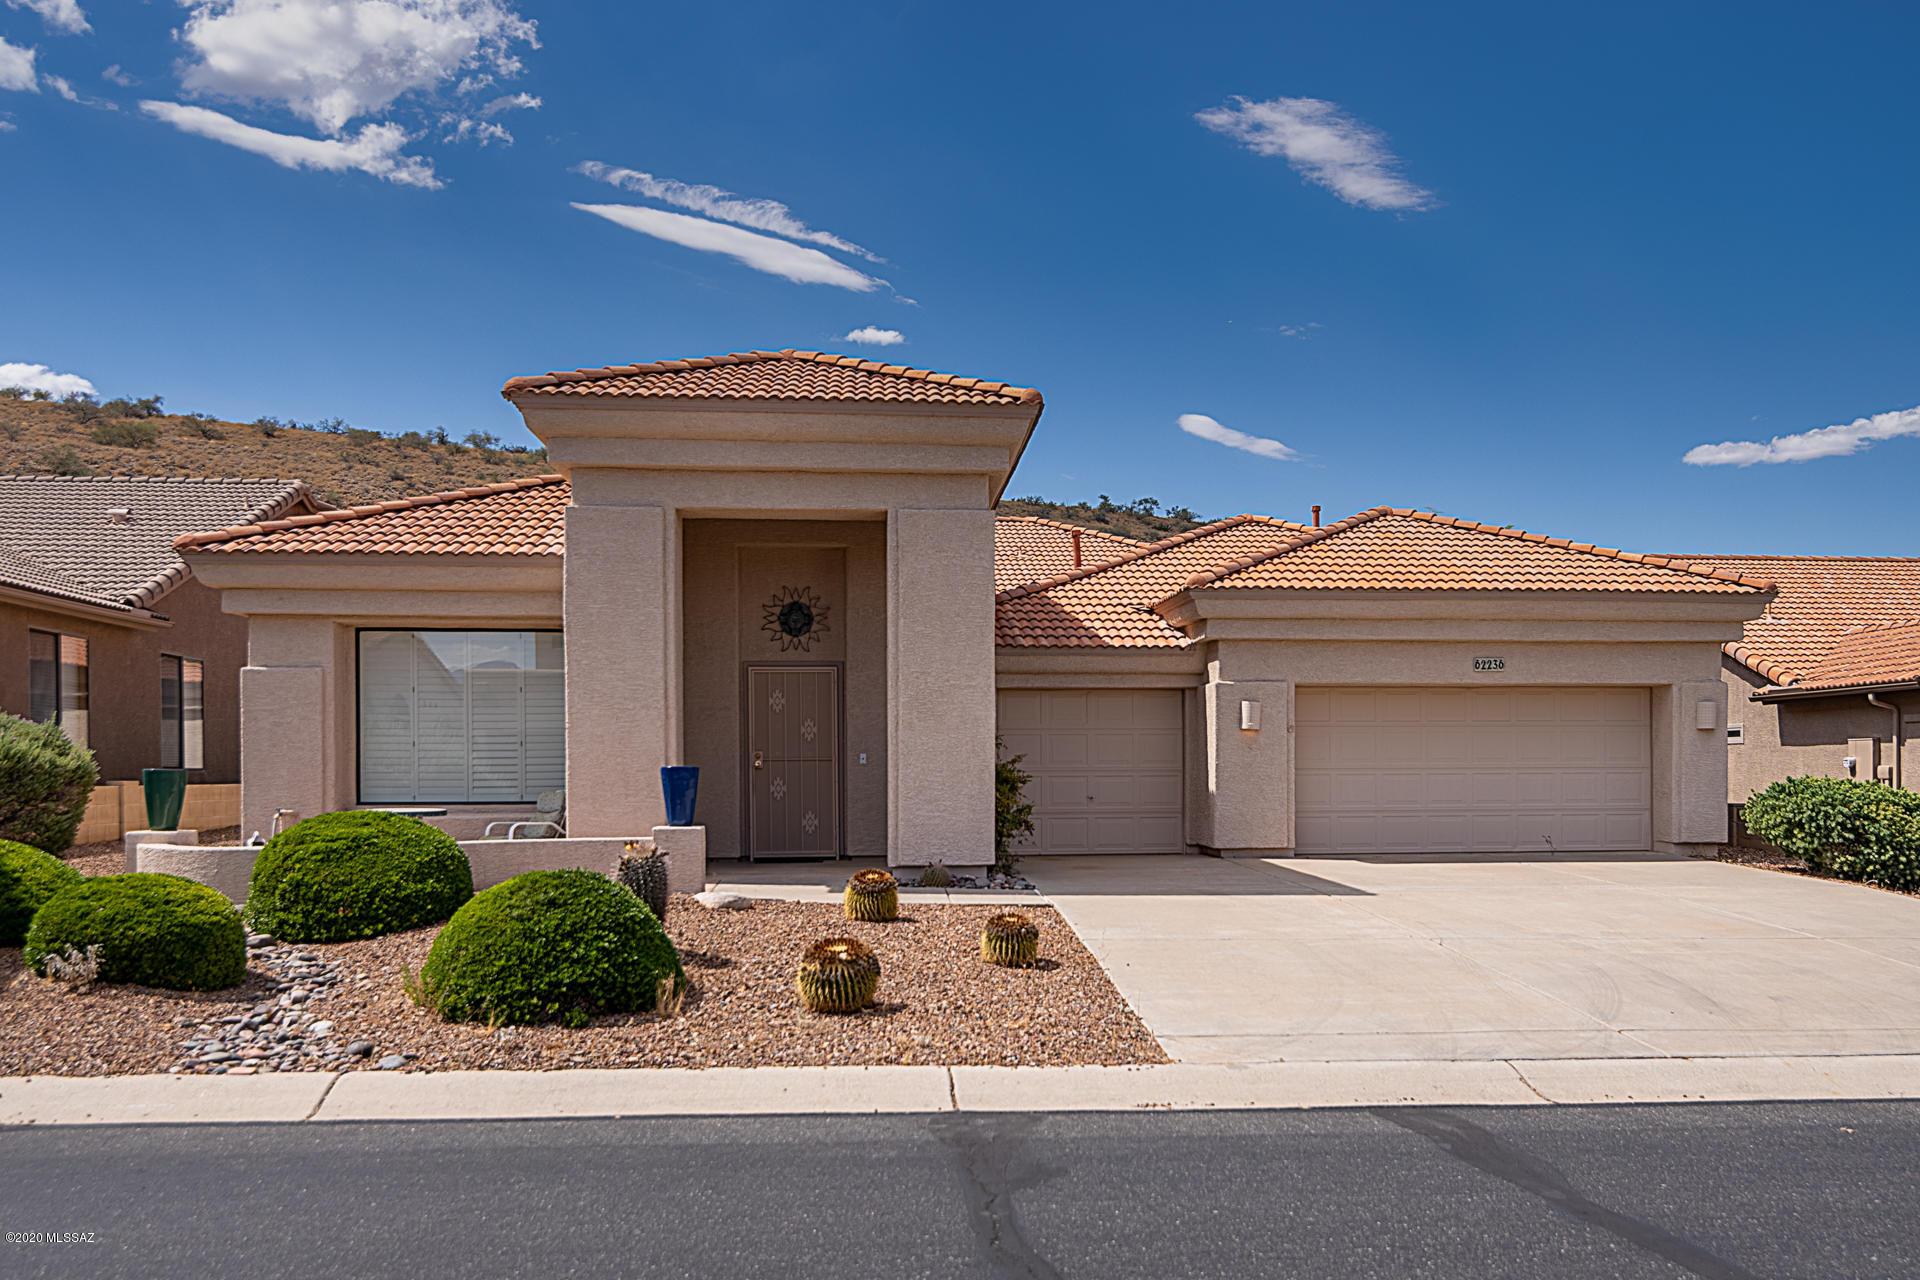 Photo of 62236 E Sand Crest Drive, Saddlebrooke, AZ 85739